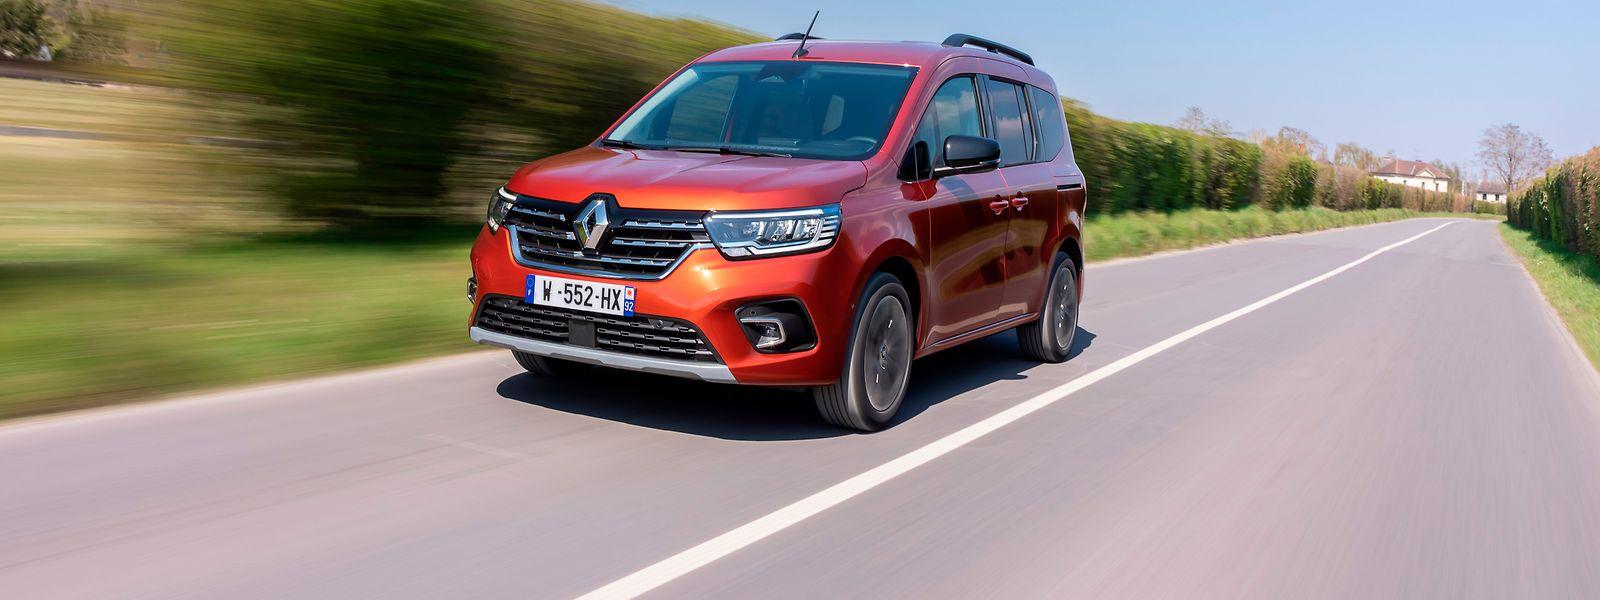 Der neue Renault Kangoo soll schon in einigen Wochen bei den Luxemburger Händlern vorfahren.